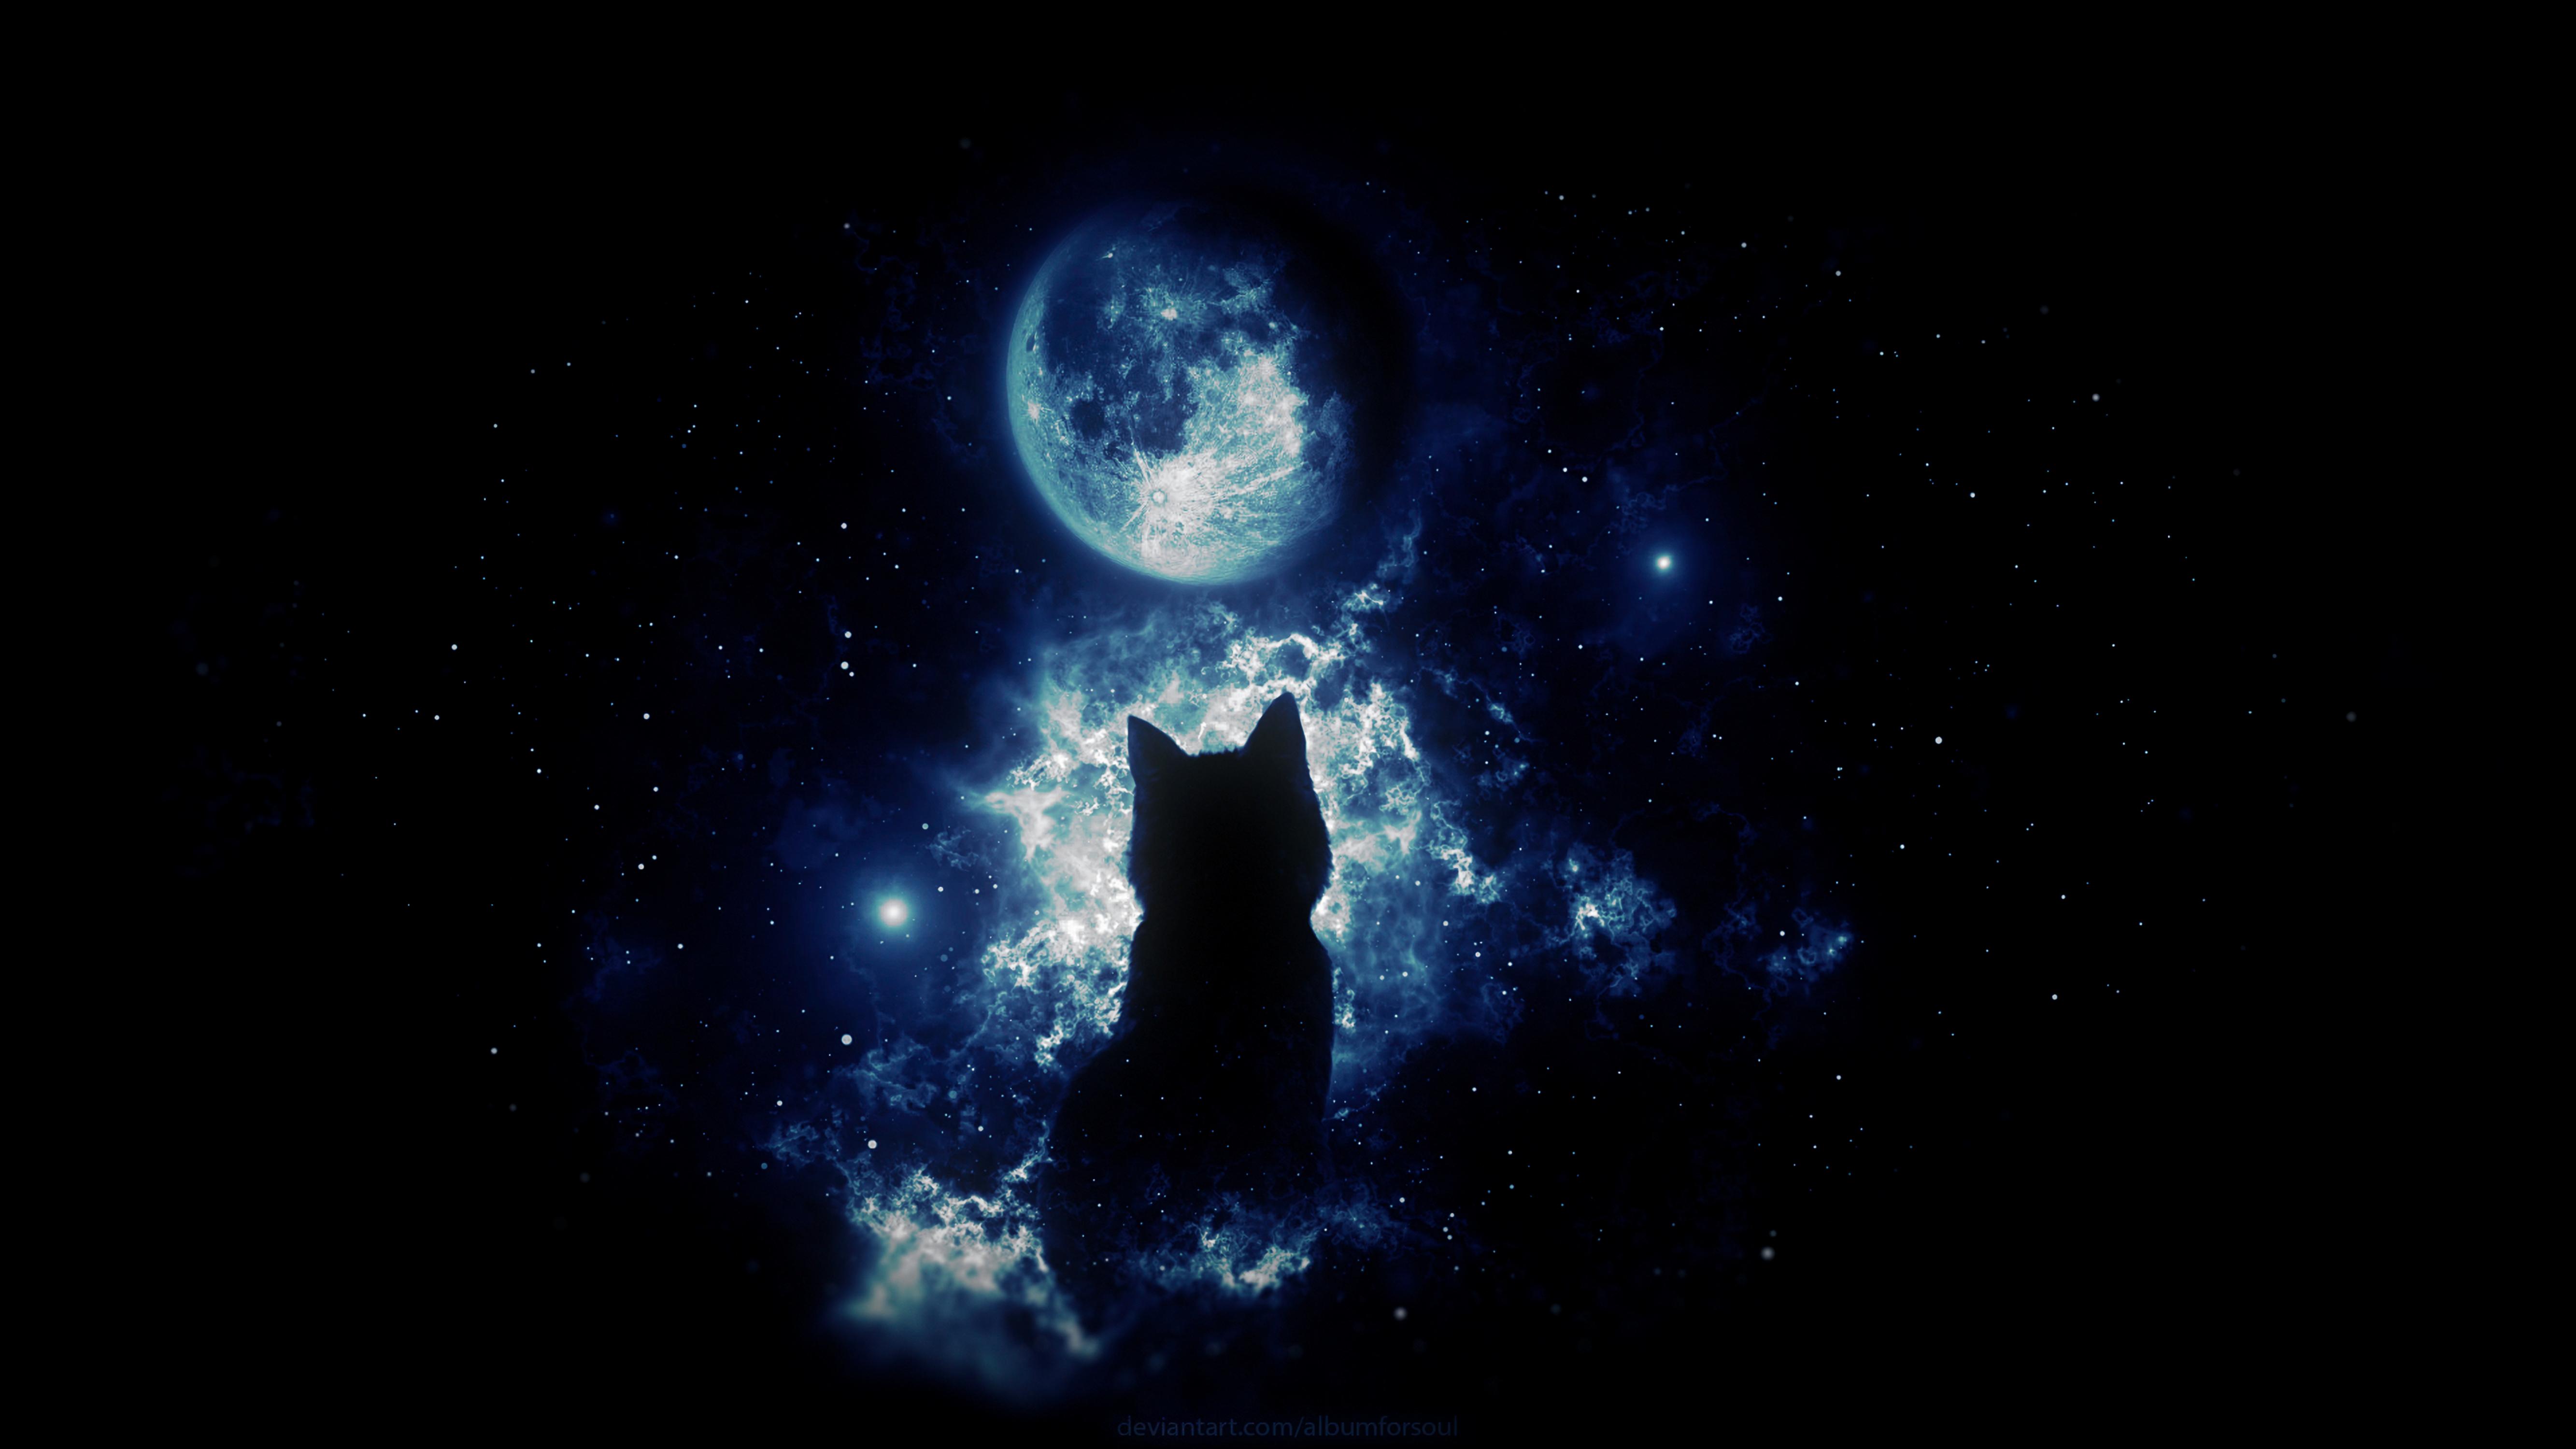 61068 Salvapantallas y fondos de pantalla Fantasía en tu teléfono. Descarga imágenes de Oscuro, Gato, Silueta, Luna, Cielo Estrellado, Arte, Fantasía gratis